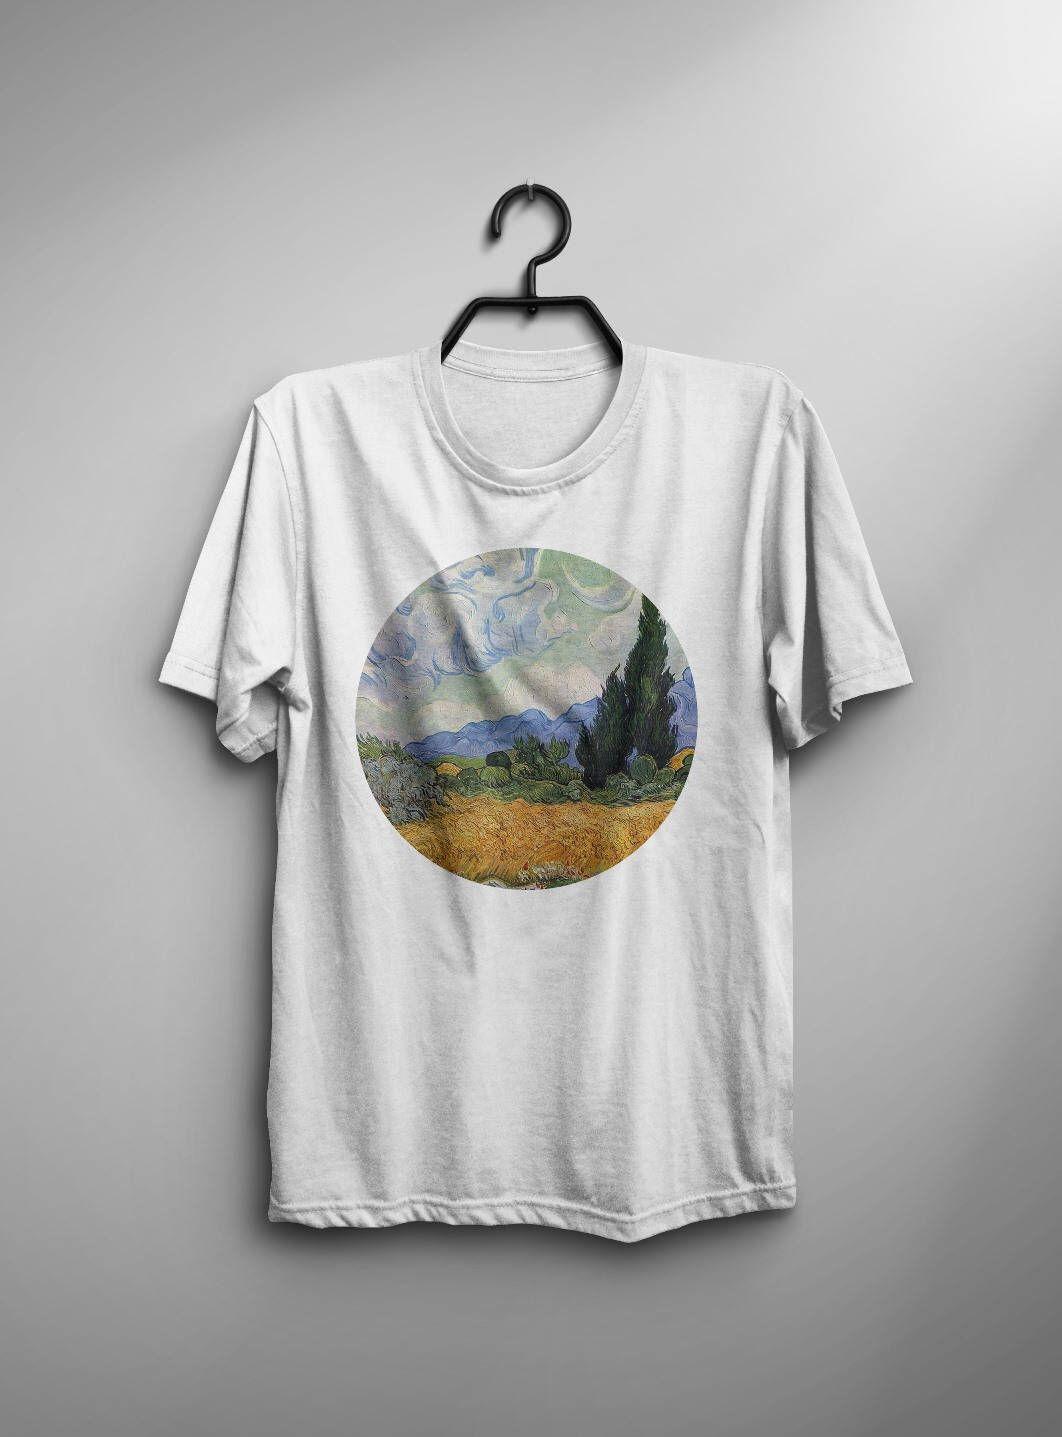 7fec8ae5d Don't be so boring tshirt emo clothing shirt motivational goth shirt women  graphic tee hipster tshir